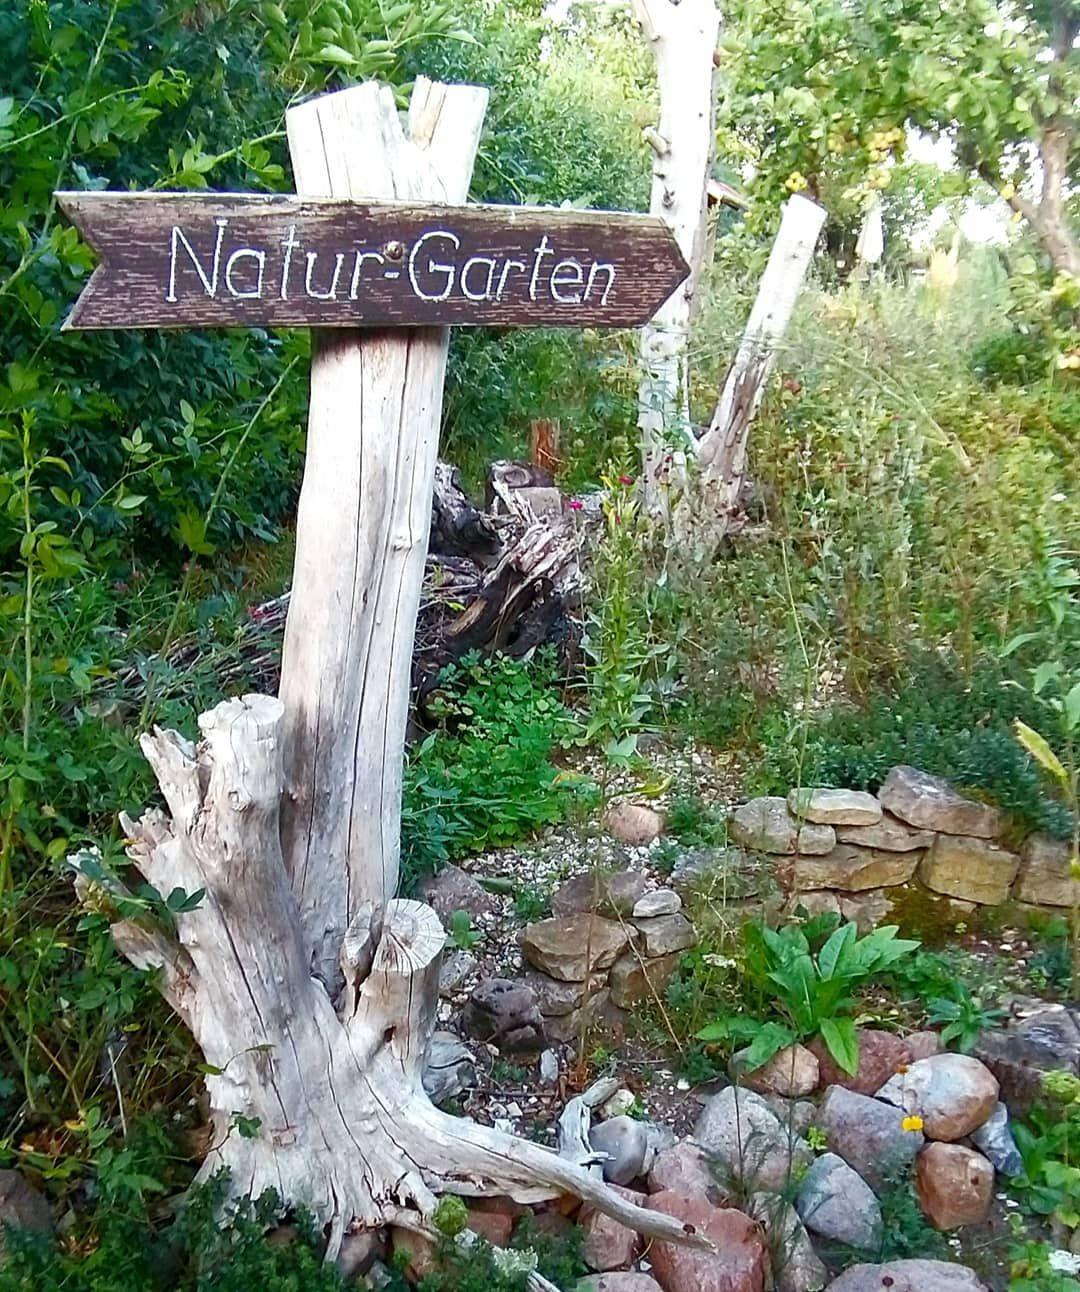 Daniel Jakumeit Naturweltgarten Instagram Fotos Und Videos Bird Bath Outdoor Decor Outdoor